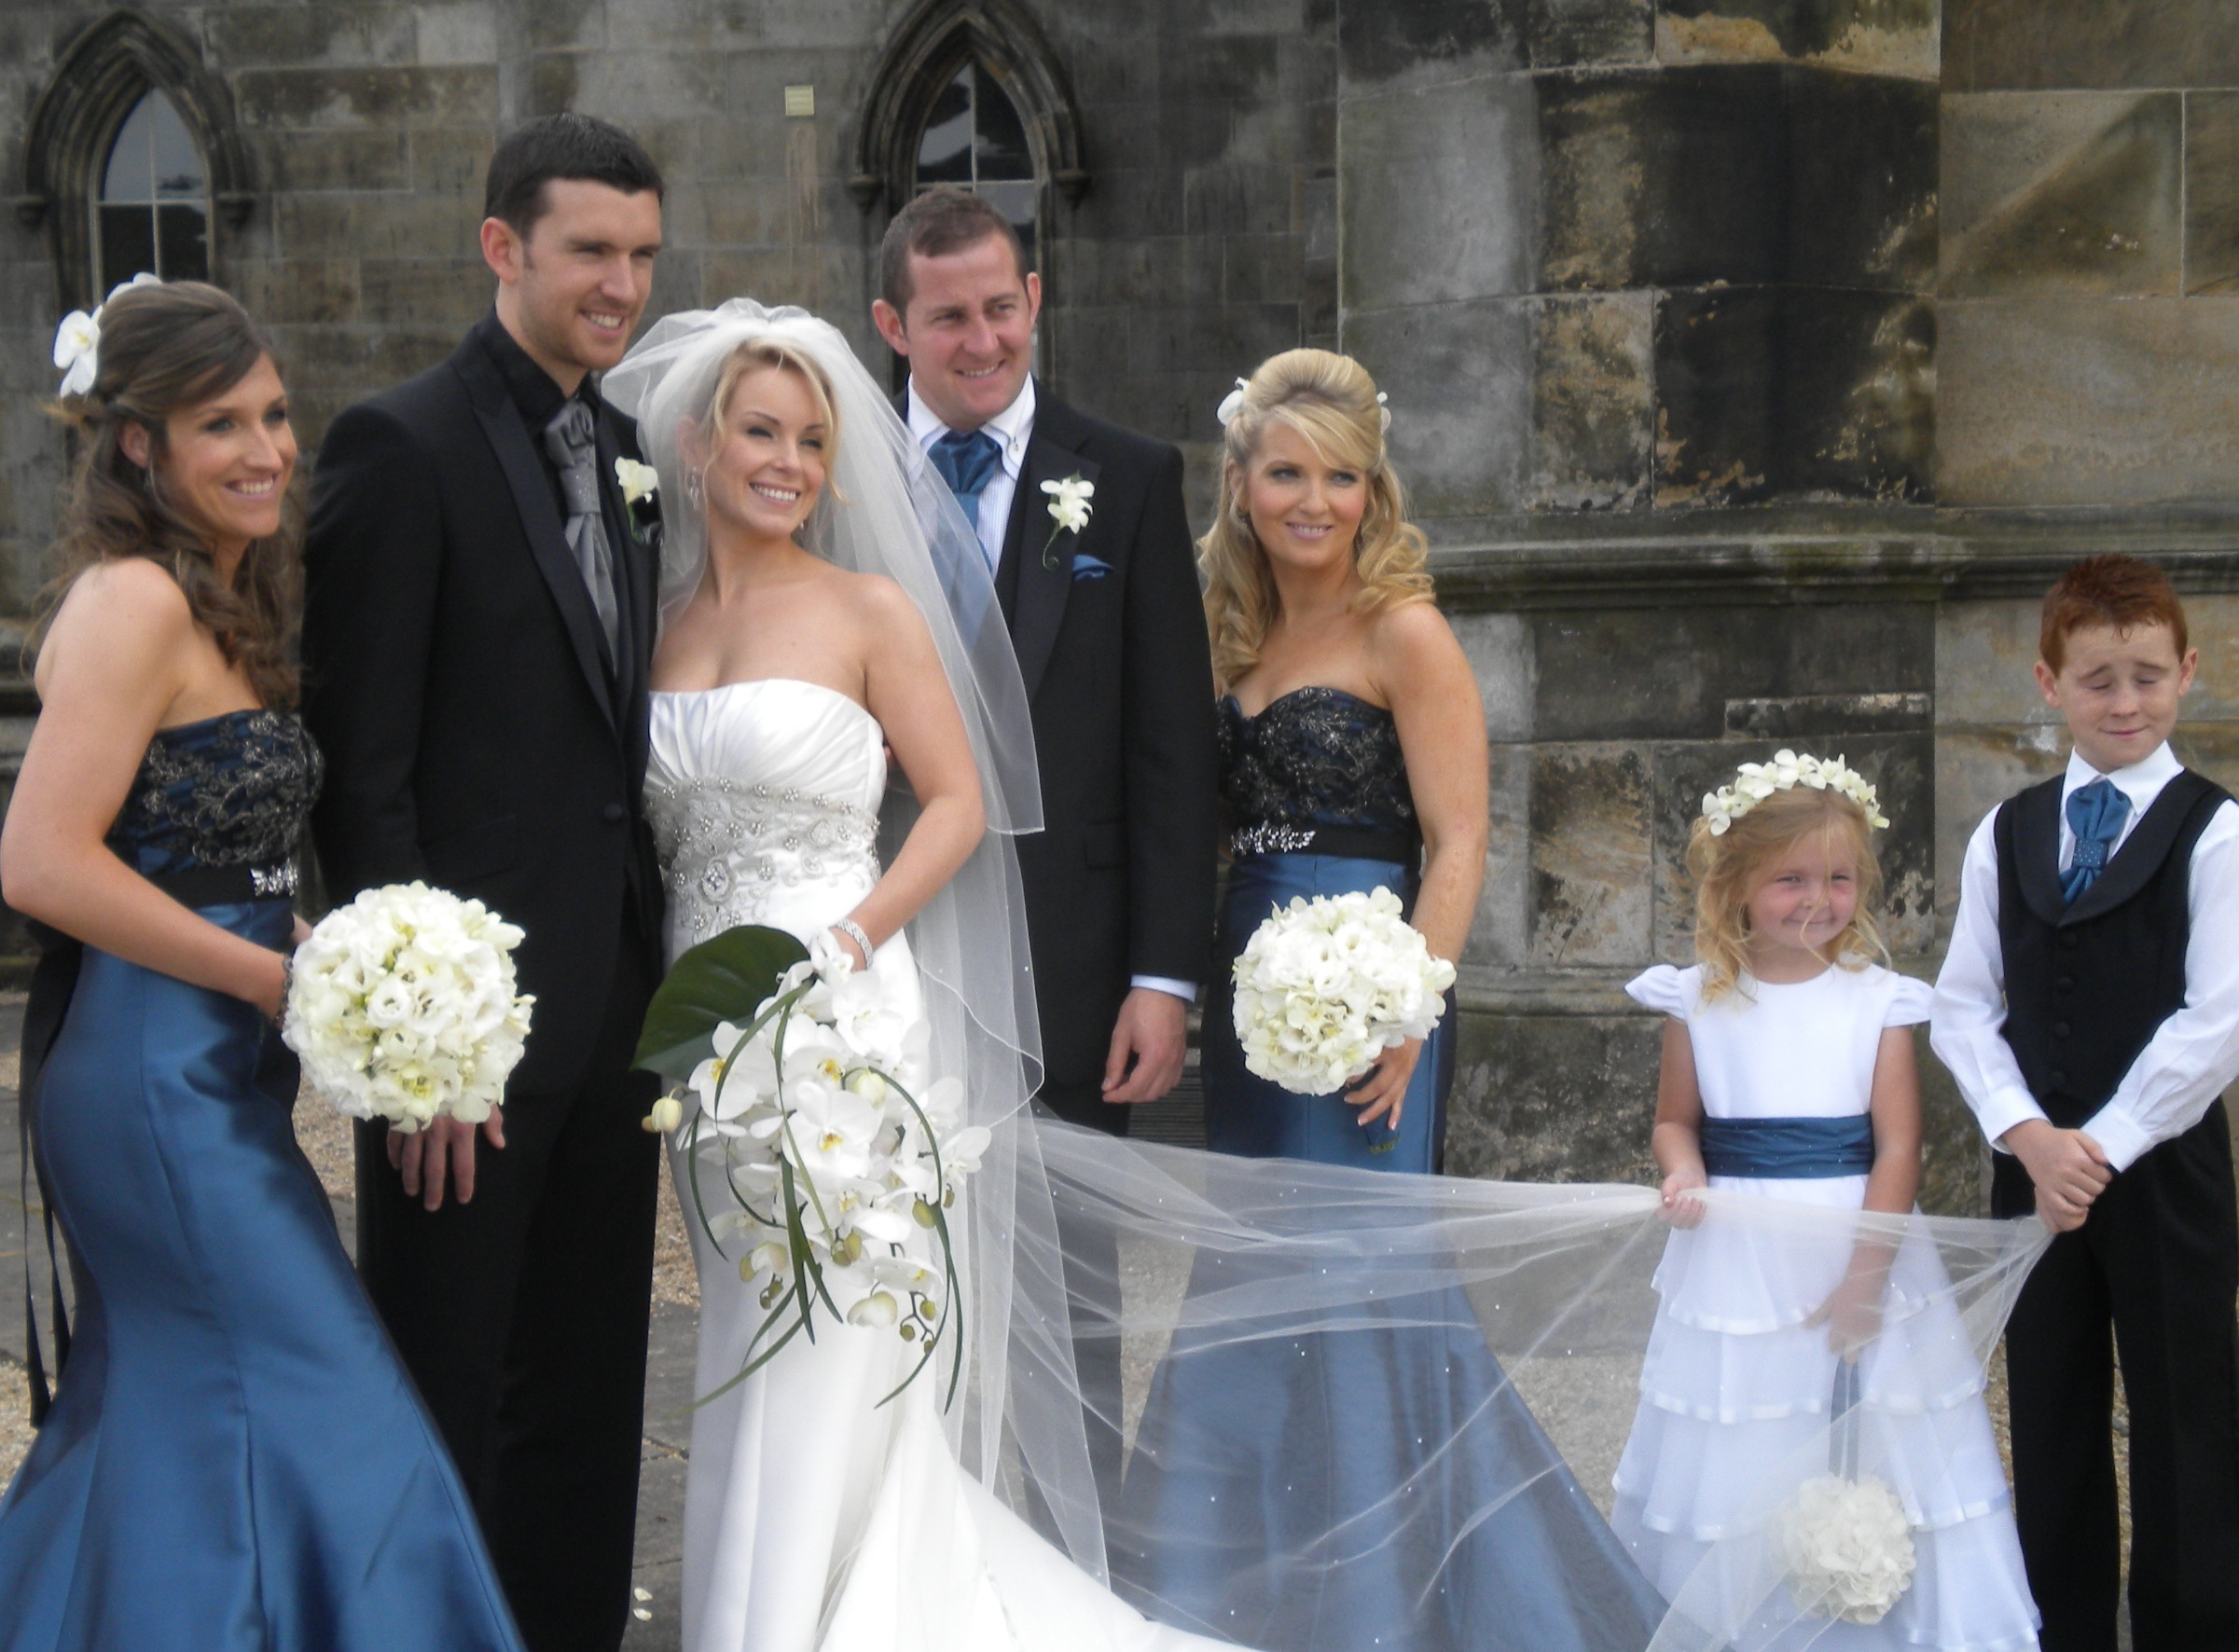 Personal Wedding Ceremonies In Scotland